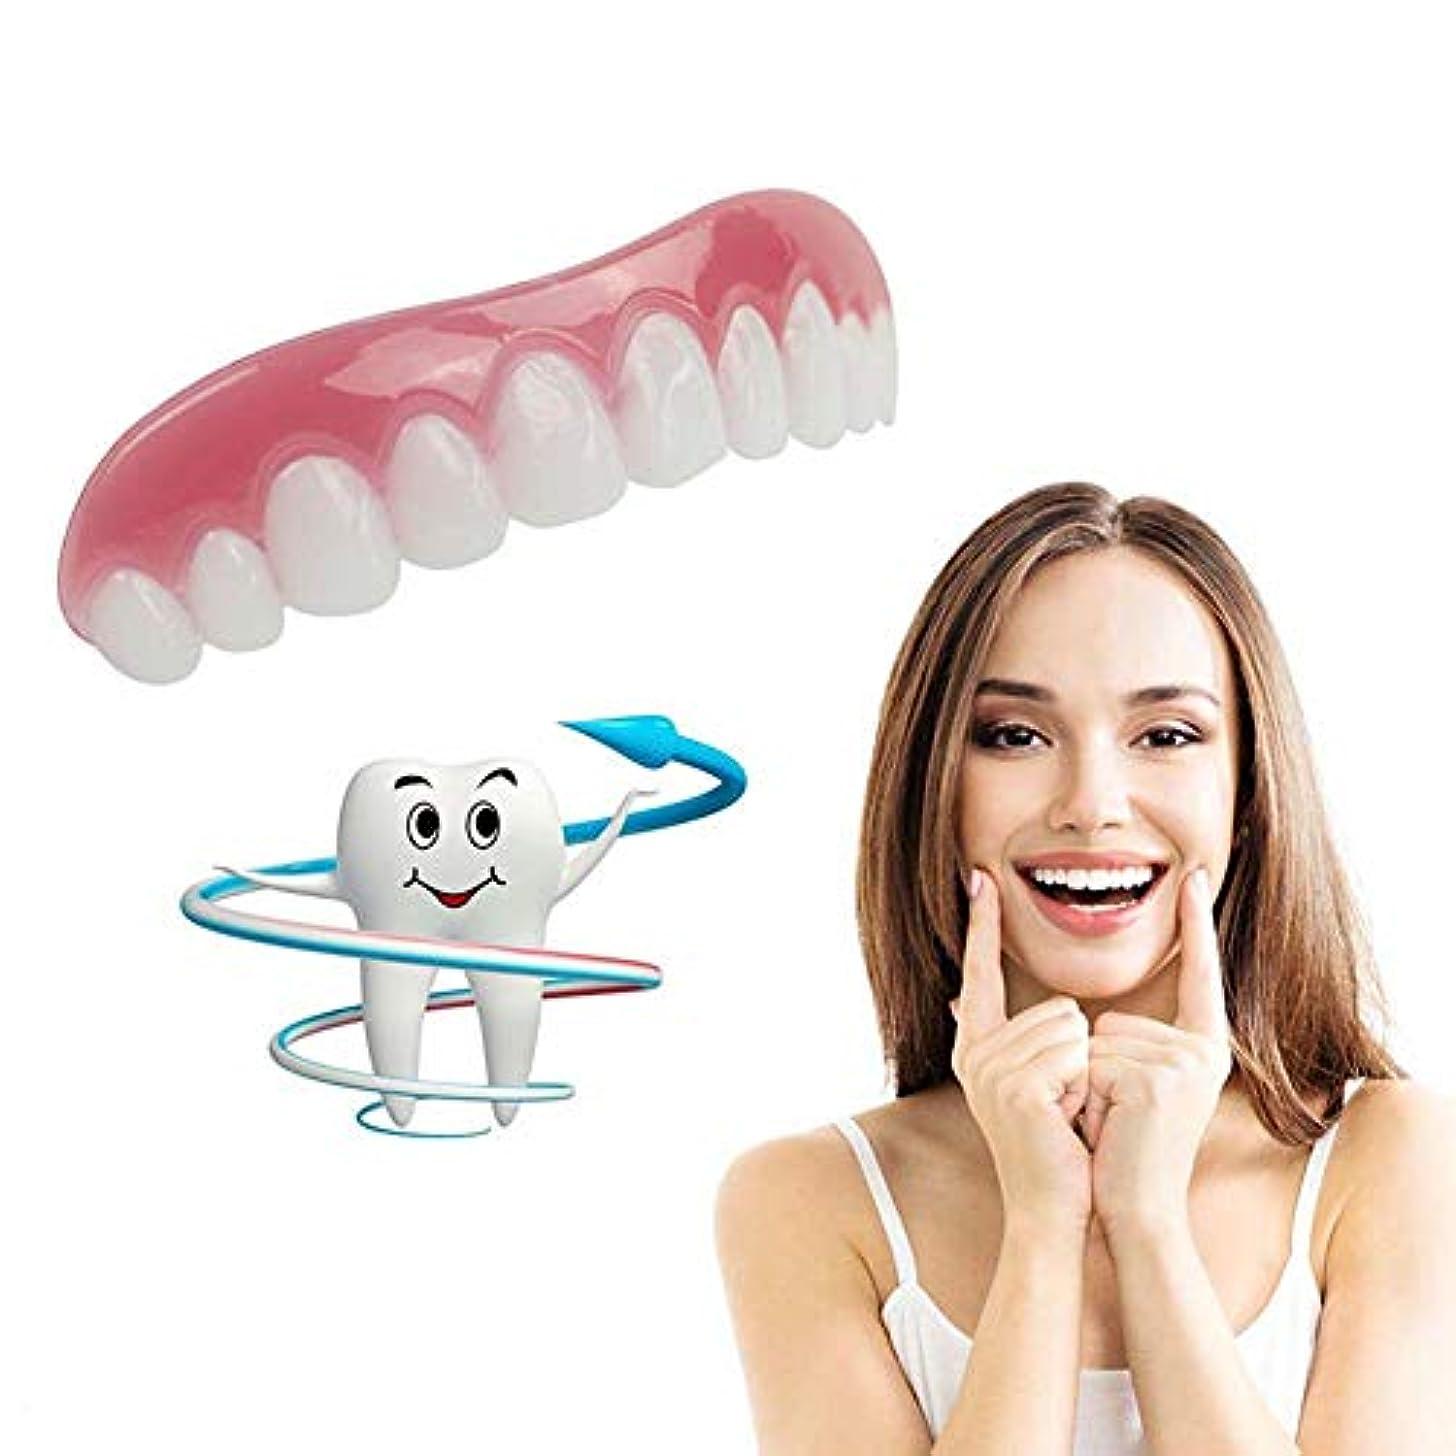 反逆とまり木研究所化粧品の歯、超快適、快適なフィット感、白い歯をきれいにするための快適なフィットフレックス歯ソケット、快適なフィット感、3セット